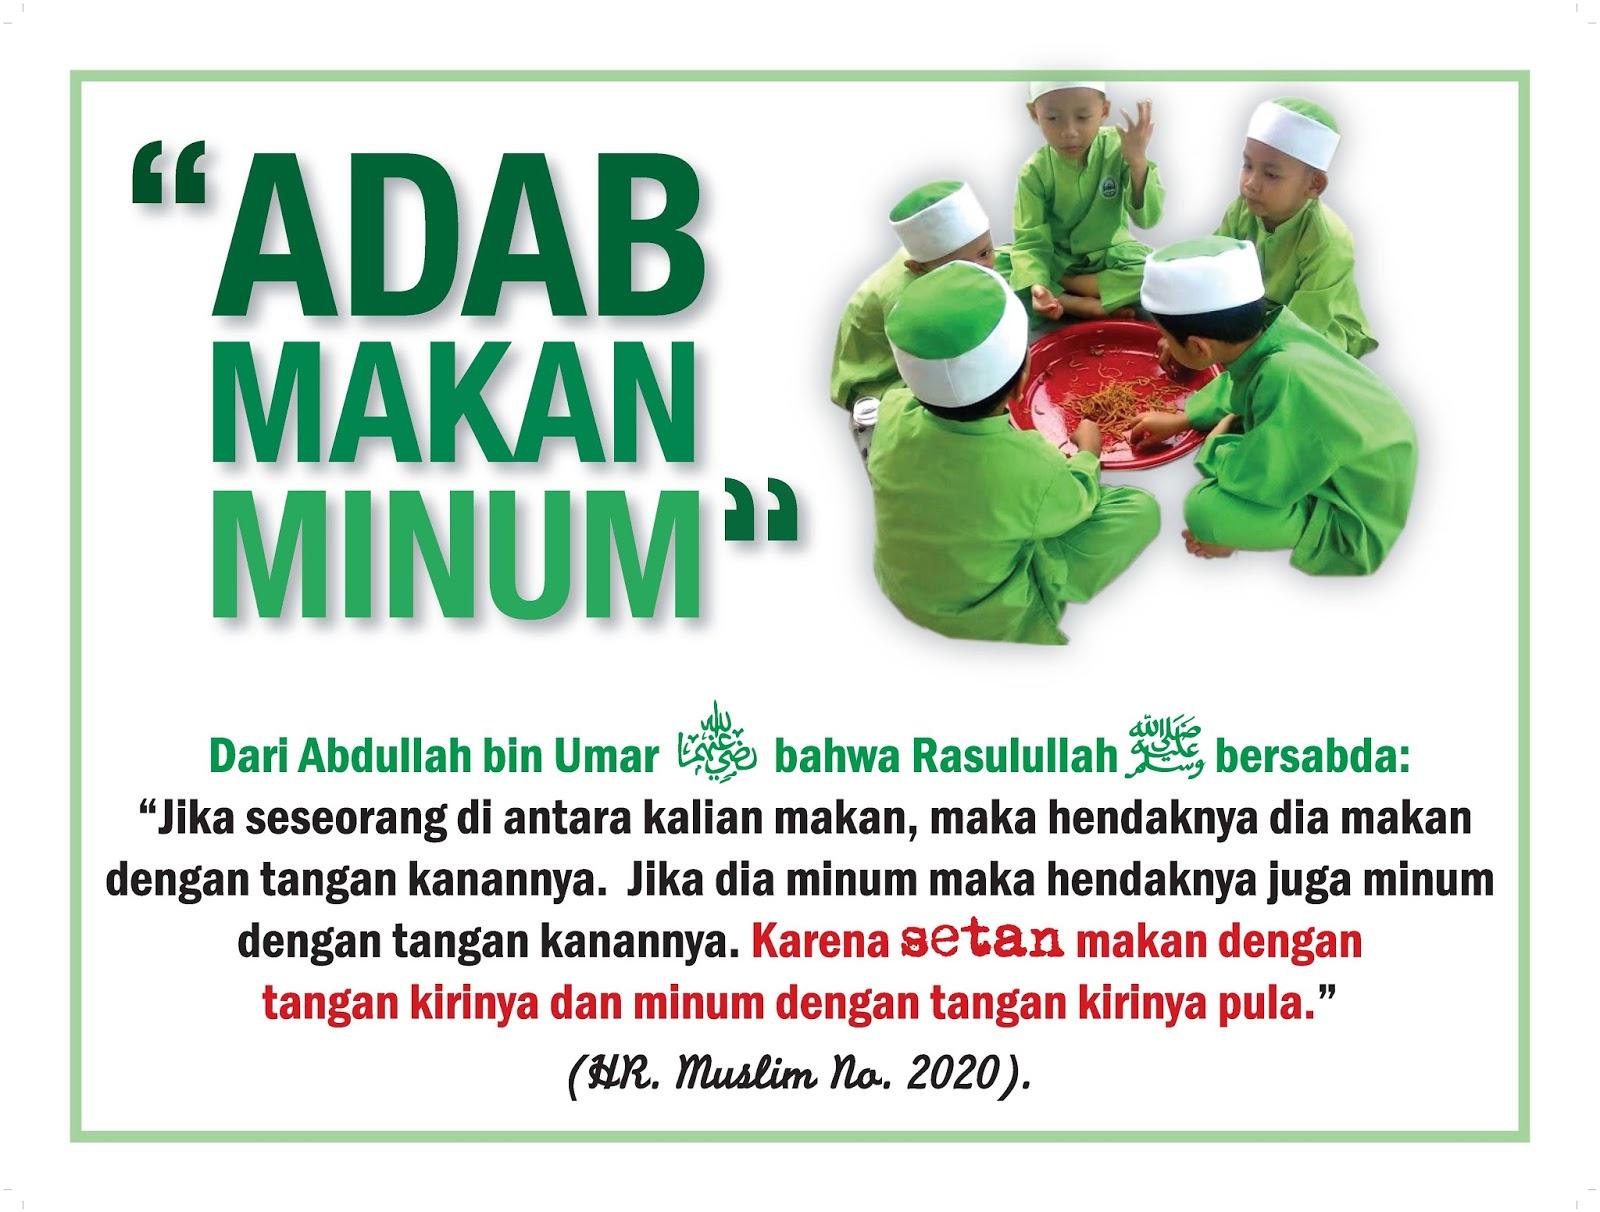 11 Cara Makan yang Baik Menurut Nabi Muhammad SAW serta Contohnya ... 60e65be3f1